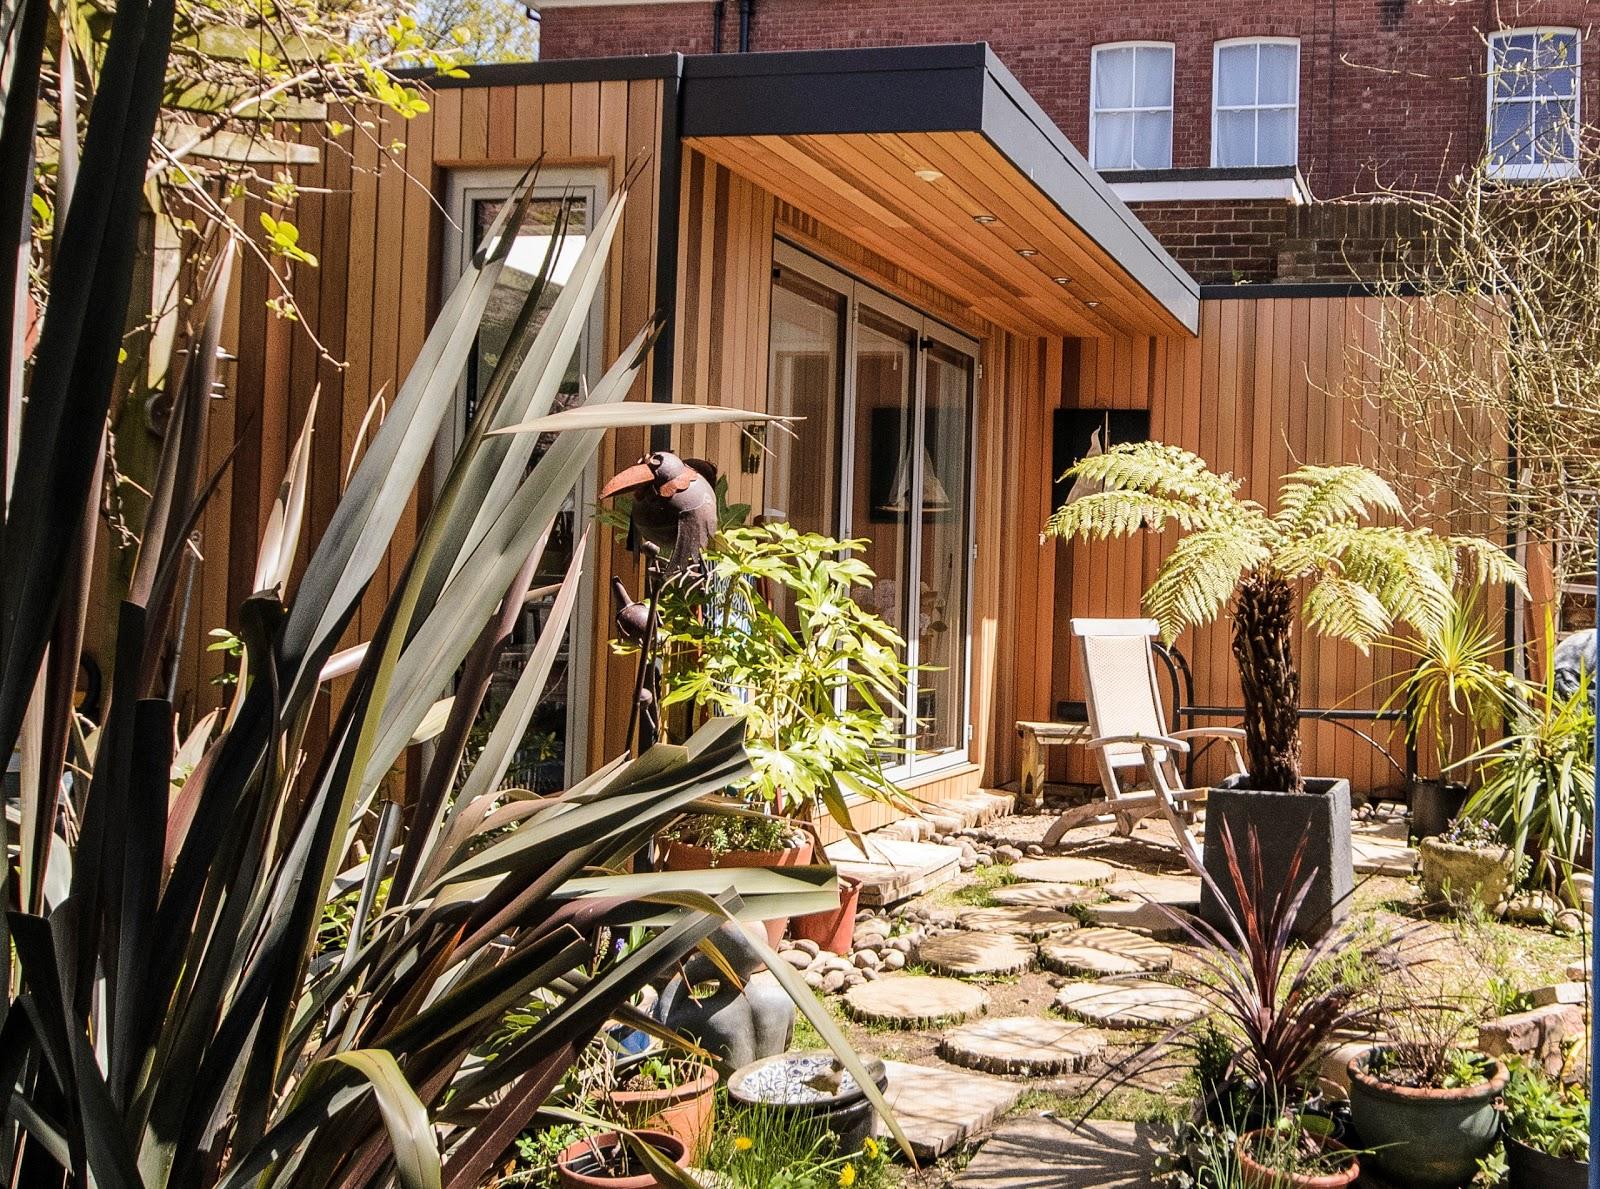 Artist Studio in Garden